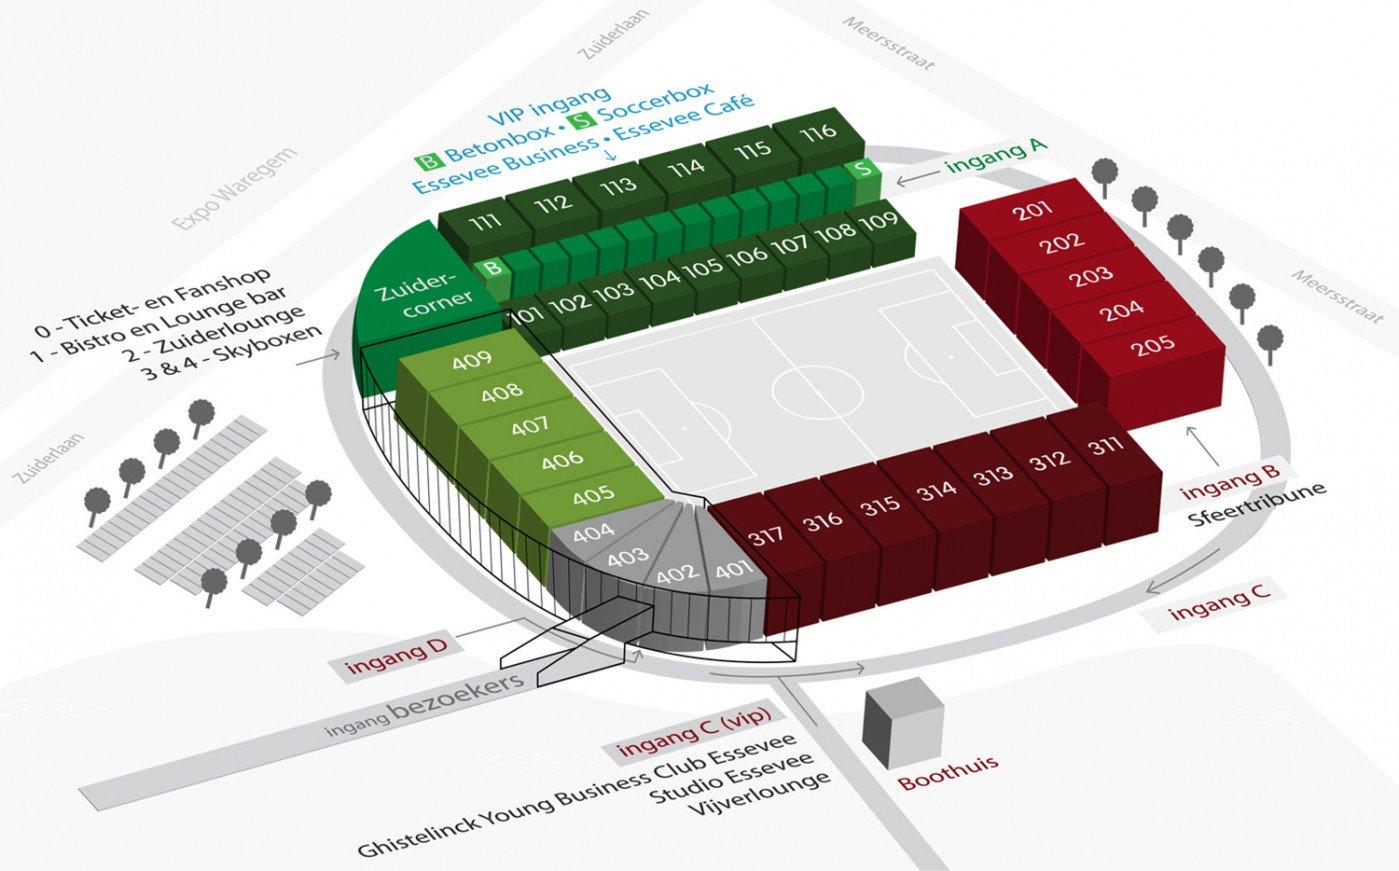 Regenboogstadion - Stadionplan